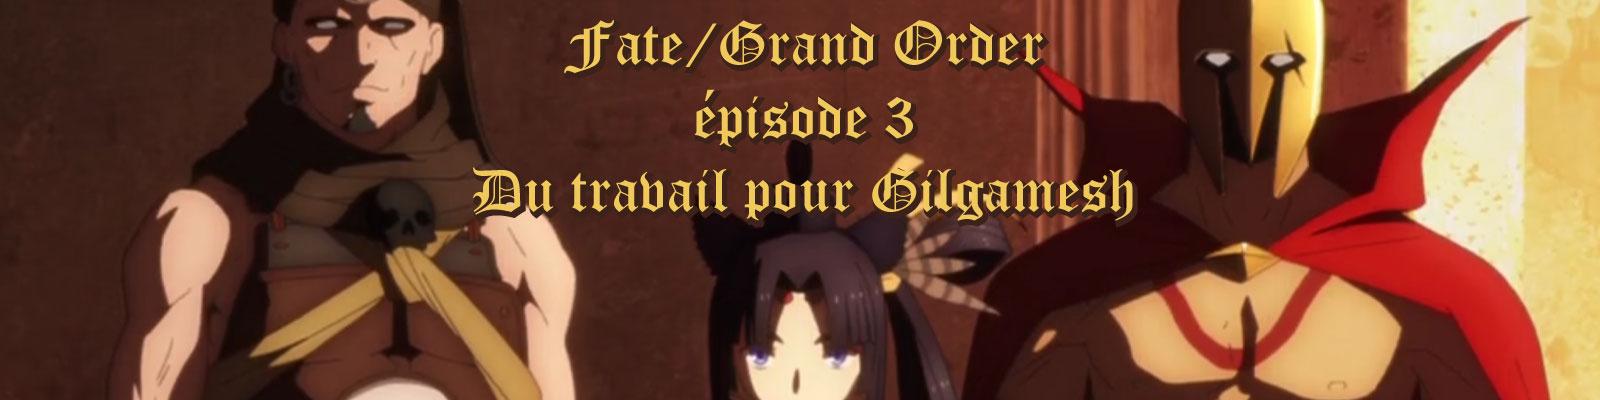 Fate Grand Order 3